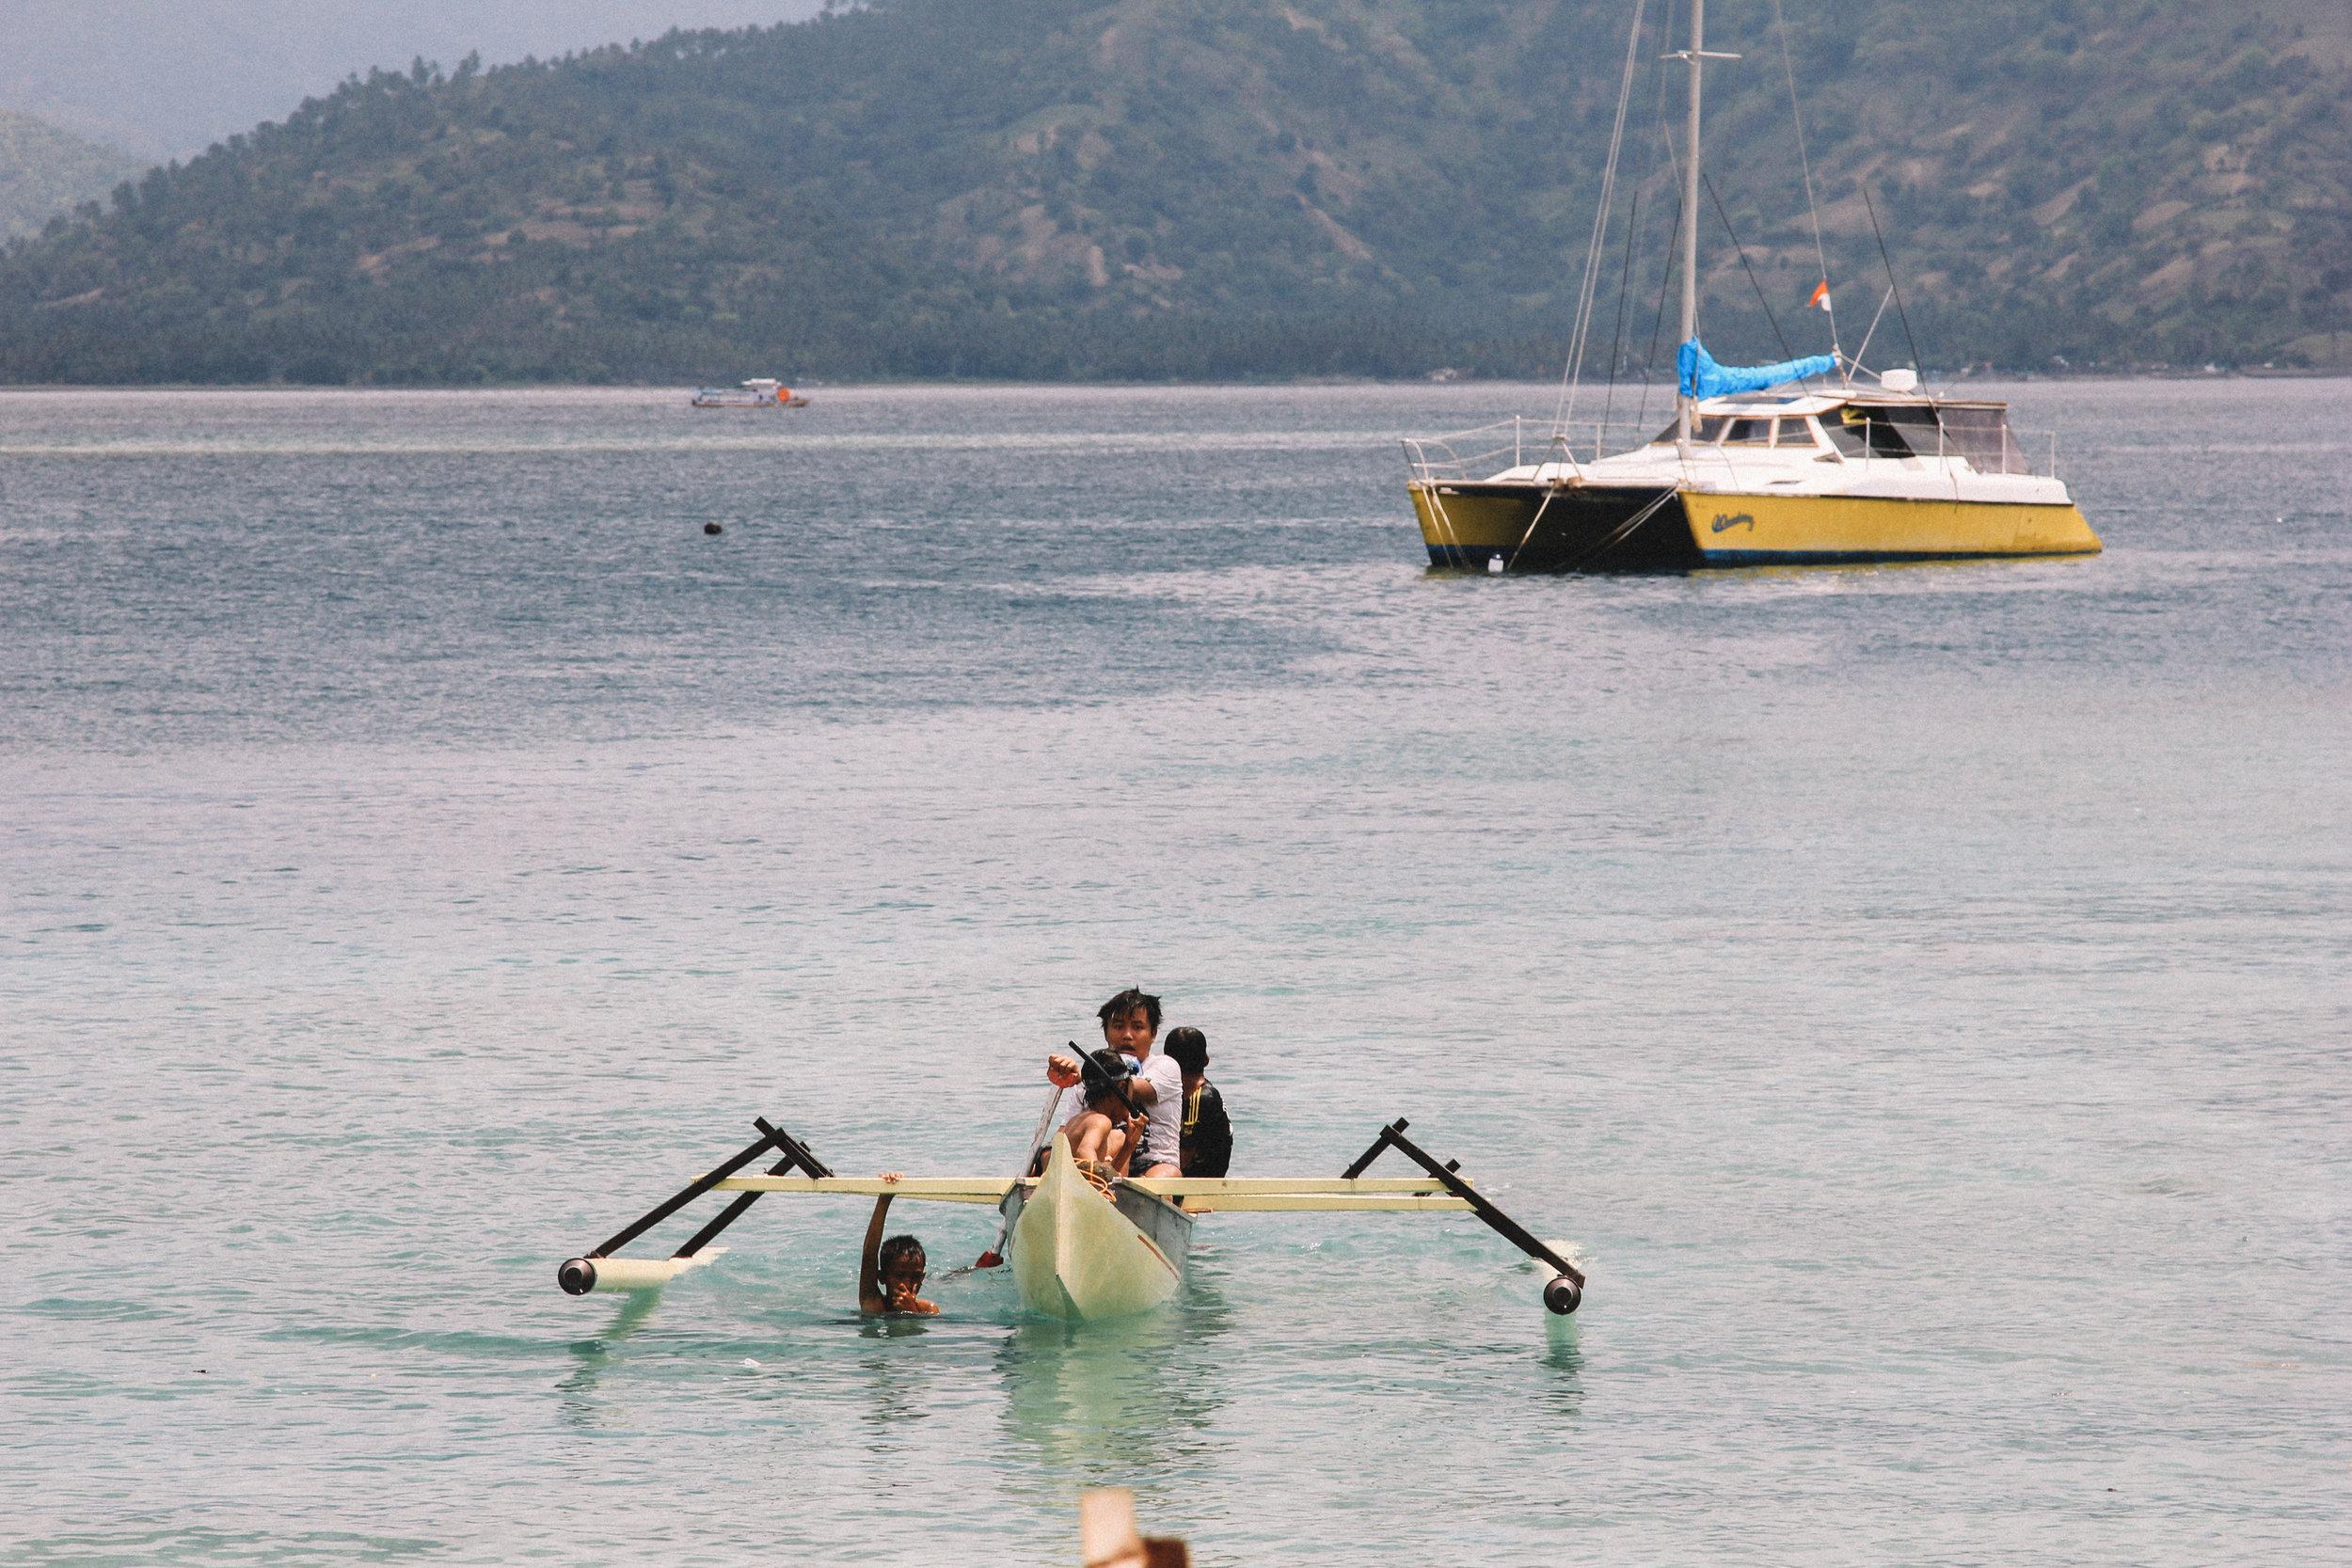 prahu-giliAir-lombok-blog.jpg